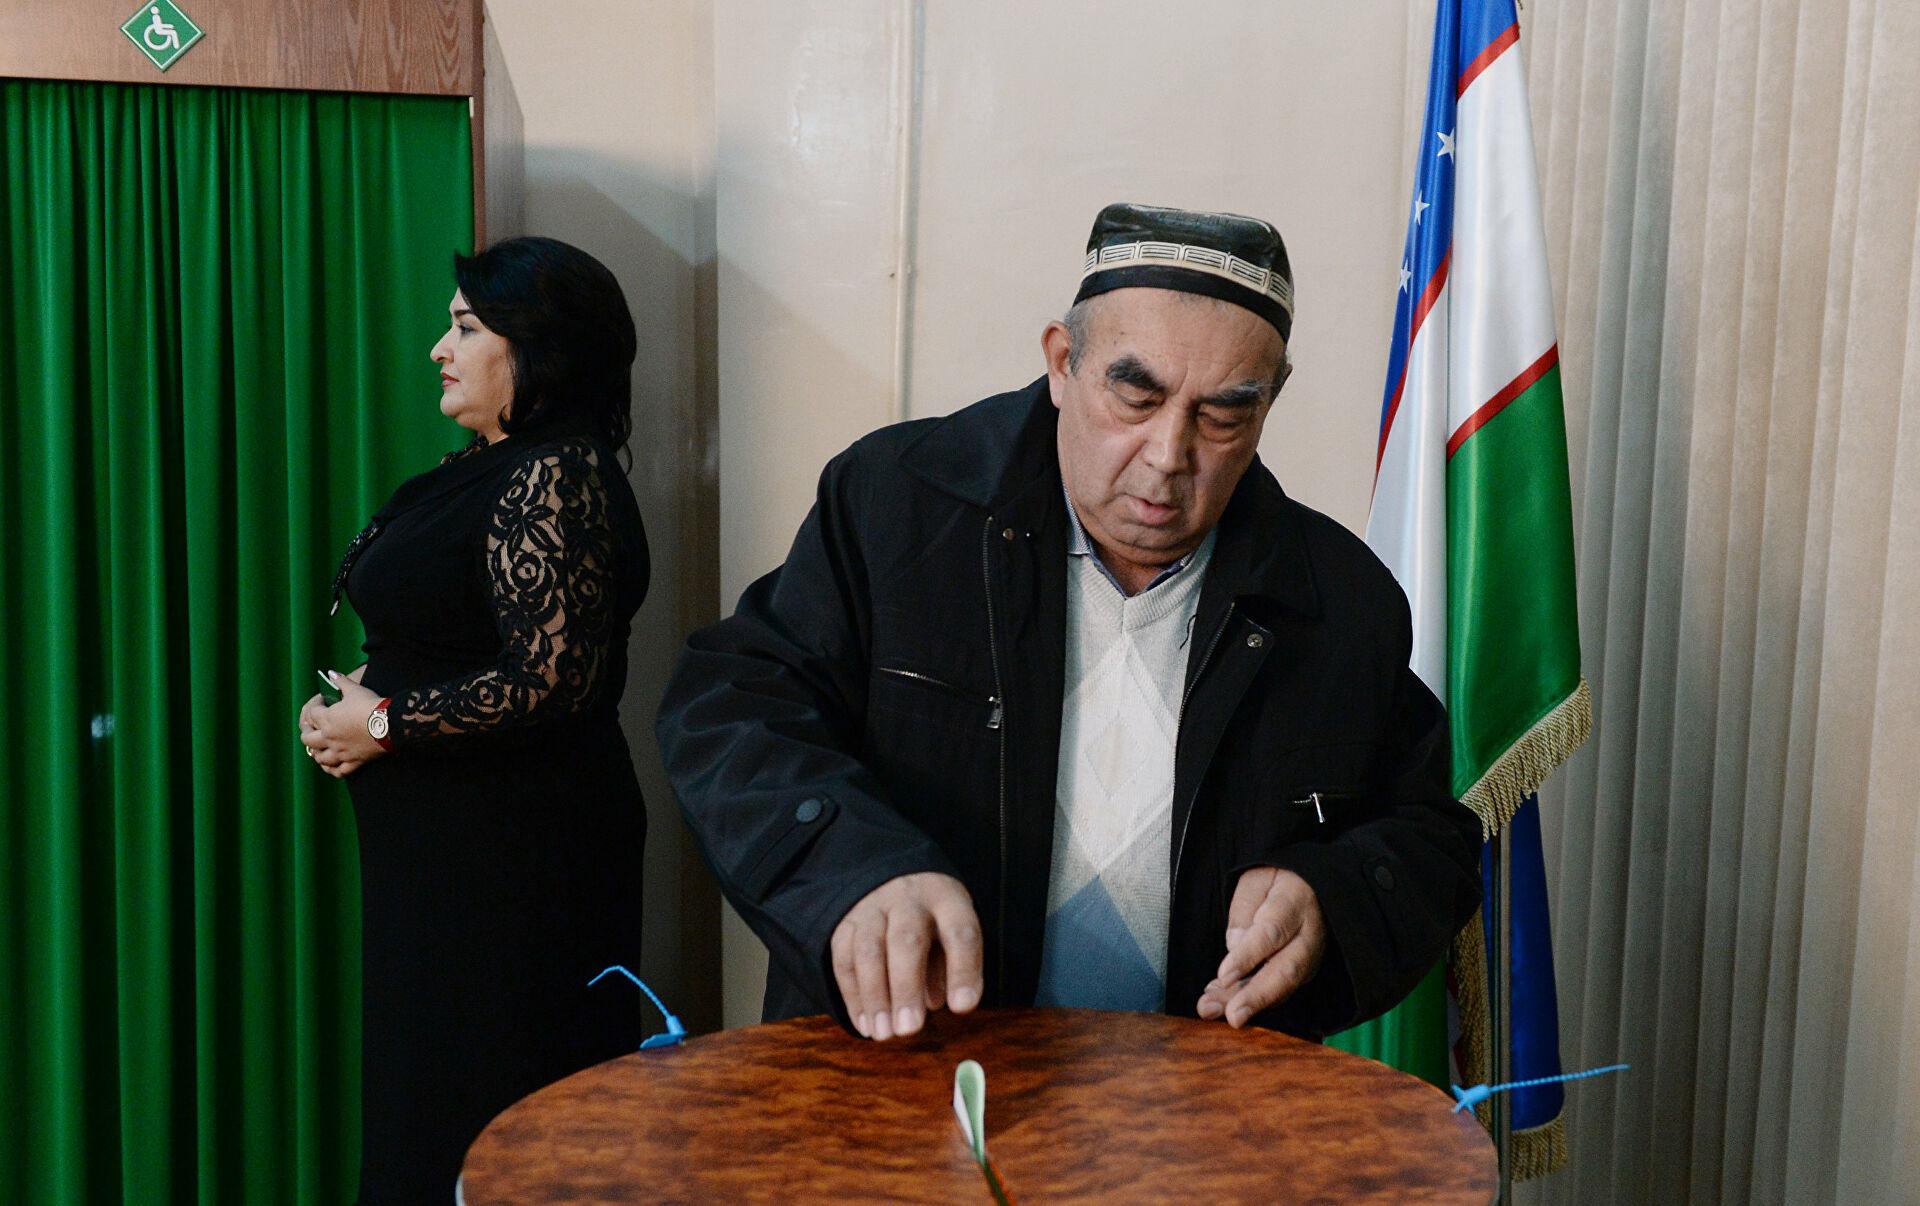 Узбекистанцам рассказали, как будут проходить выборы президента в условиях пандемии